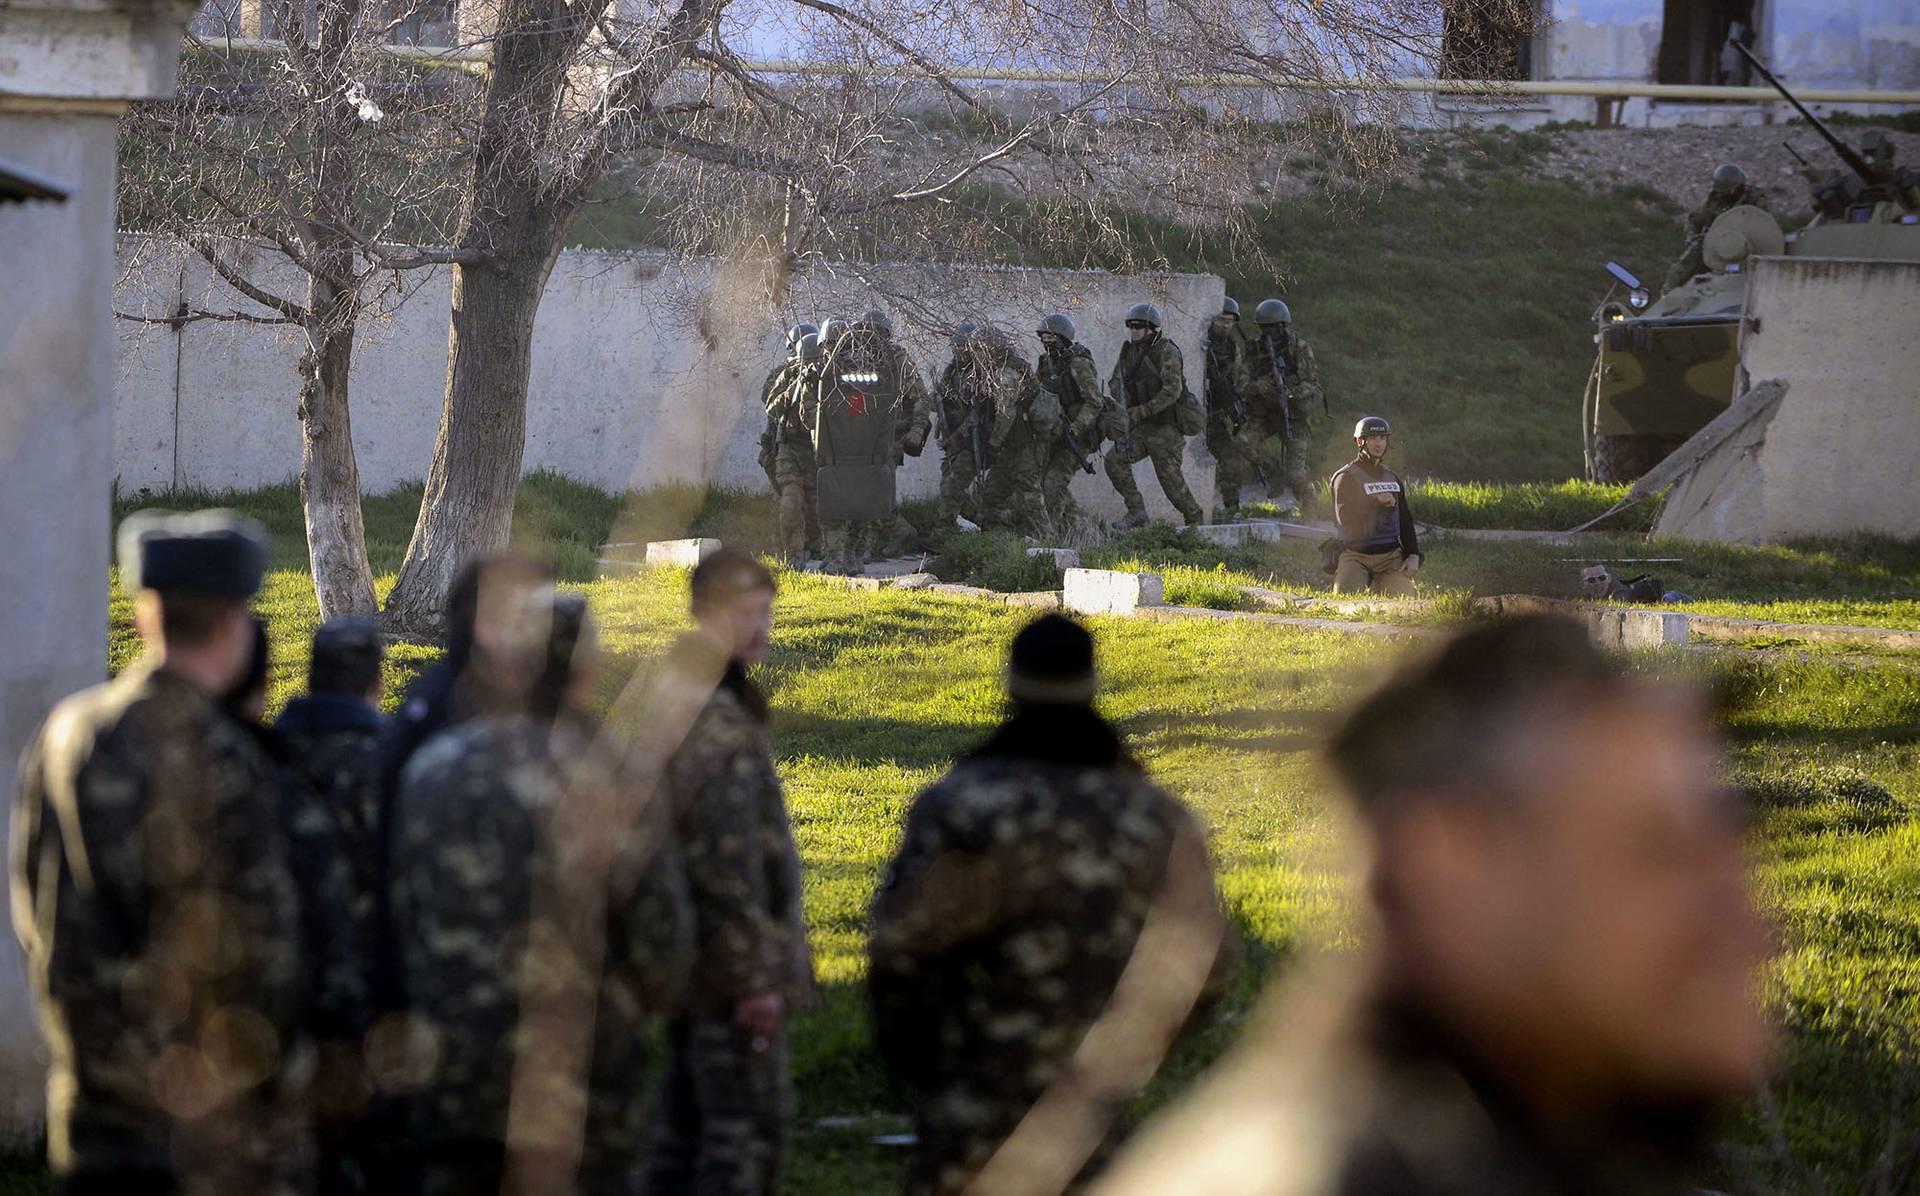 Російські військові та загони так званої «самооборони» штурмують українську військову частину у Бельбеку, Крим, 22 березня 2018 року. Російській БТР пробив бетонну огорожу бази